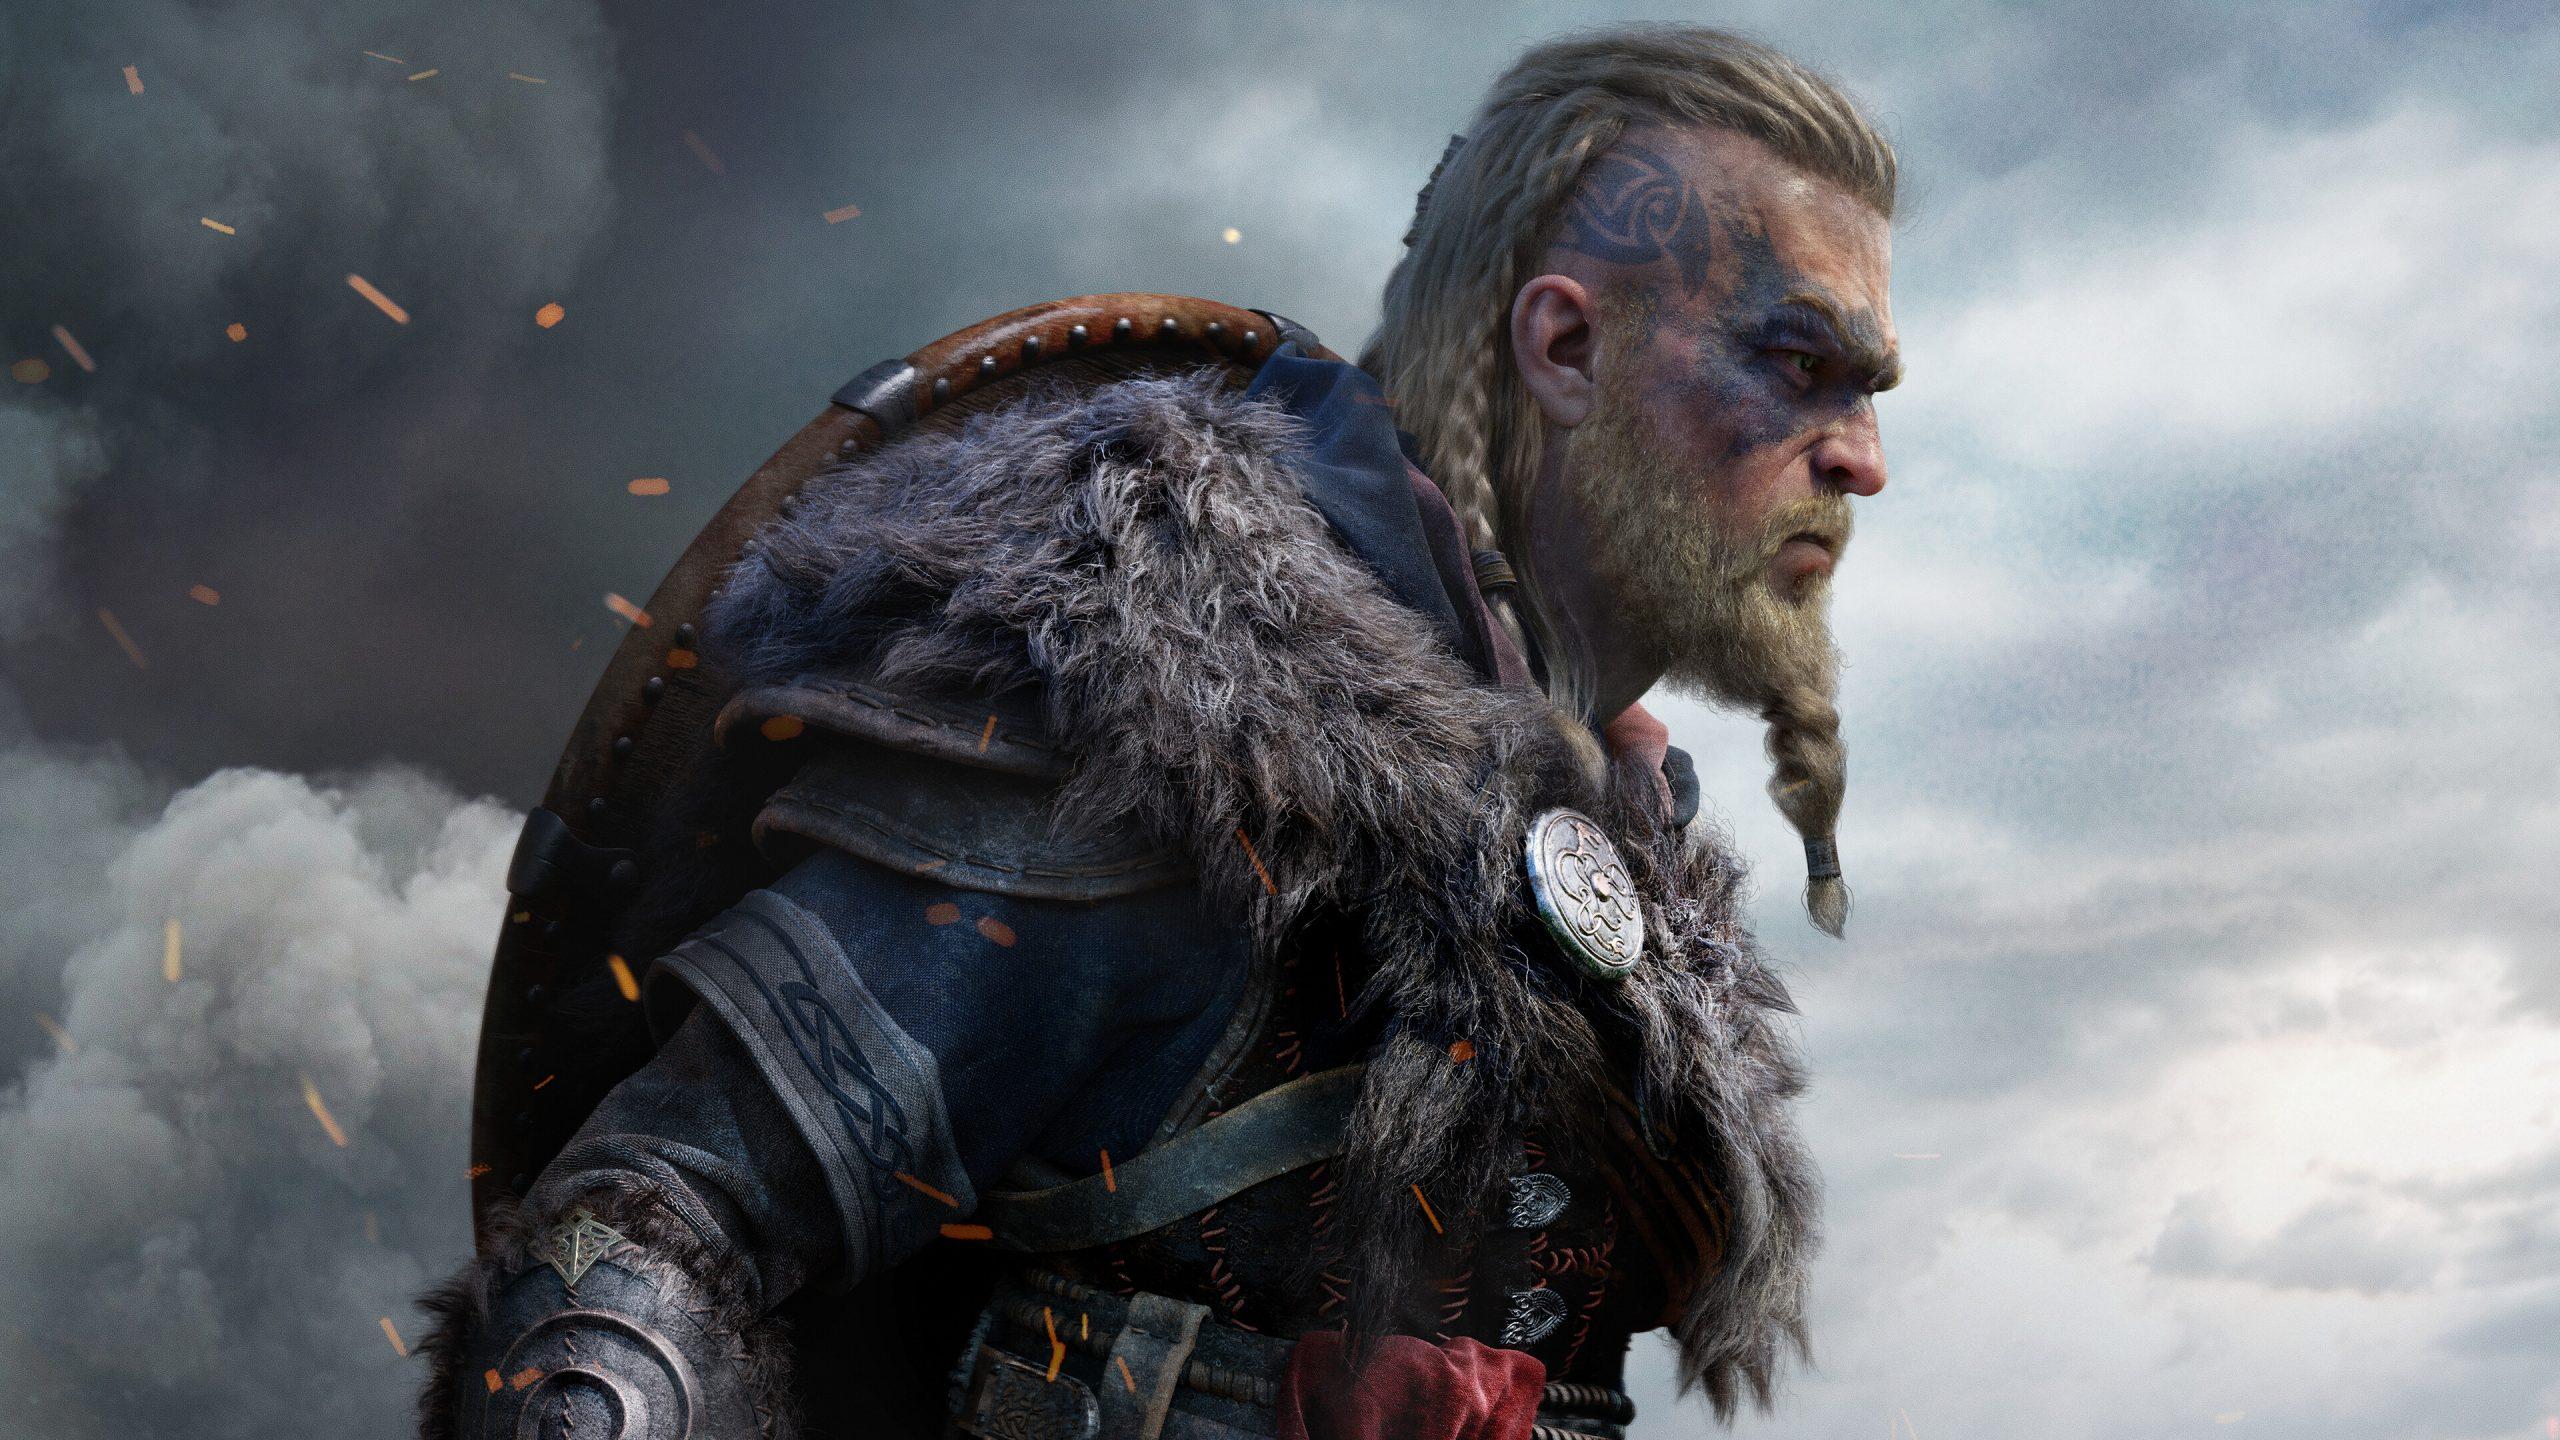 В Assassin's Creed: Valhalla разработчики планируют добавить функцию смены внешнего вида доспехов